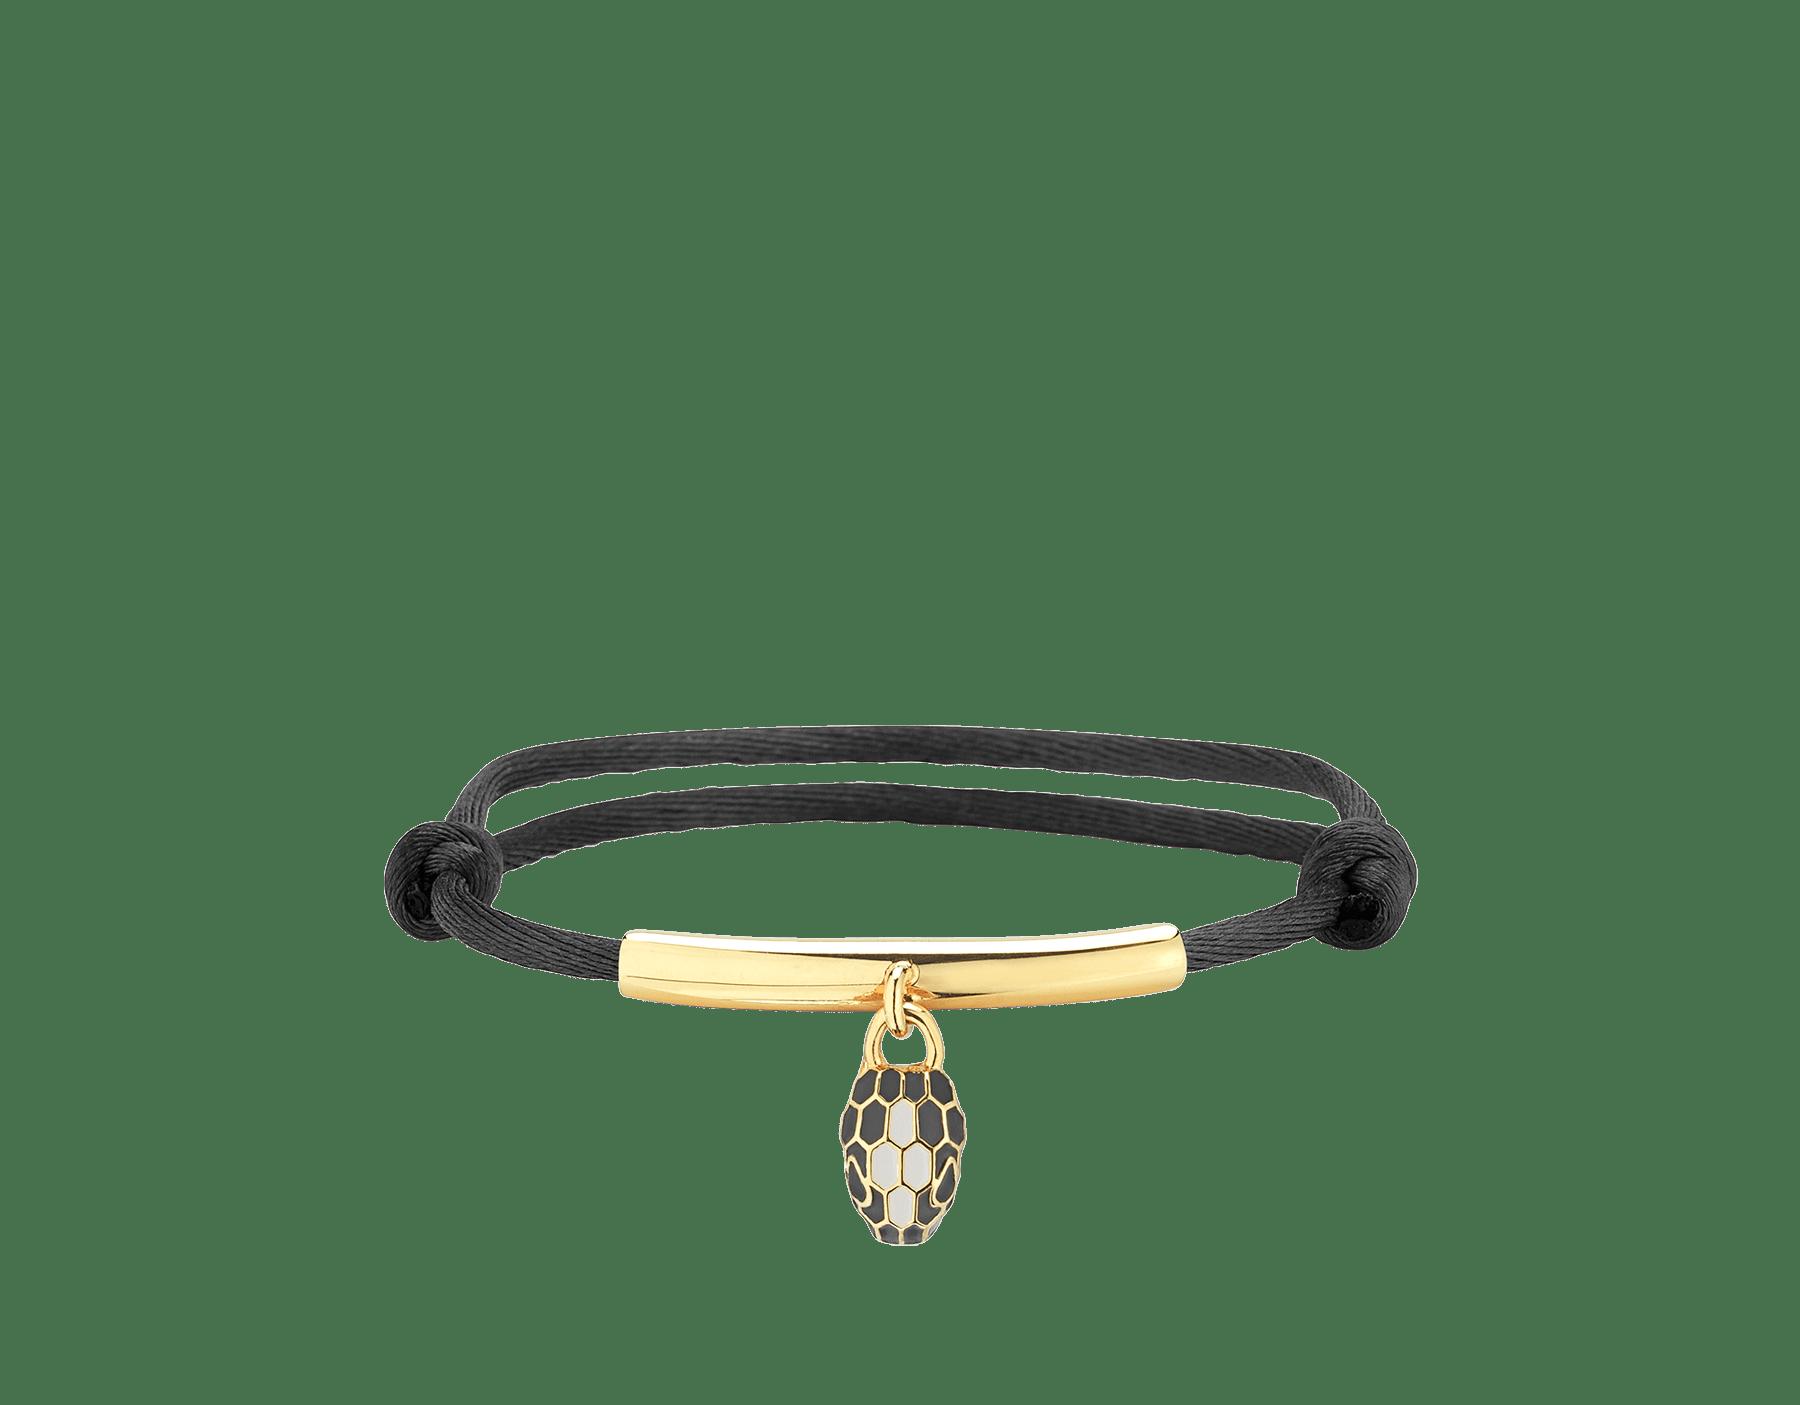 Bracelet Serpenti Forever en soie couleur Daisy Topaz avec plaque en laiton et bijou Serpenti emblématique en émail noir et couleur blanc agate avec yeux en émail noir. SERP-MINISTRING image 1